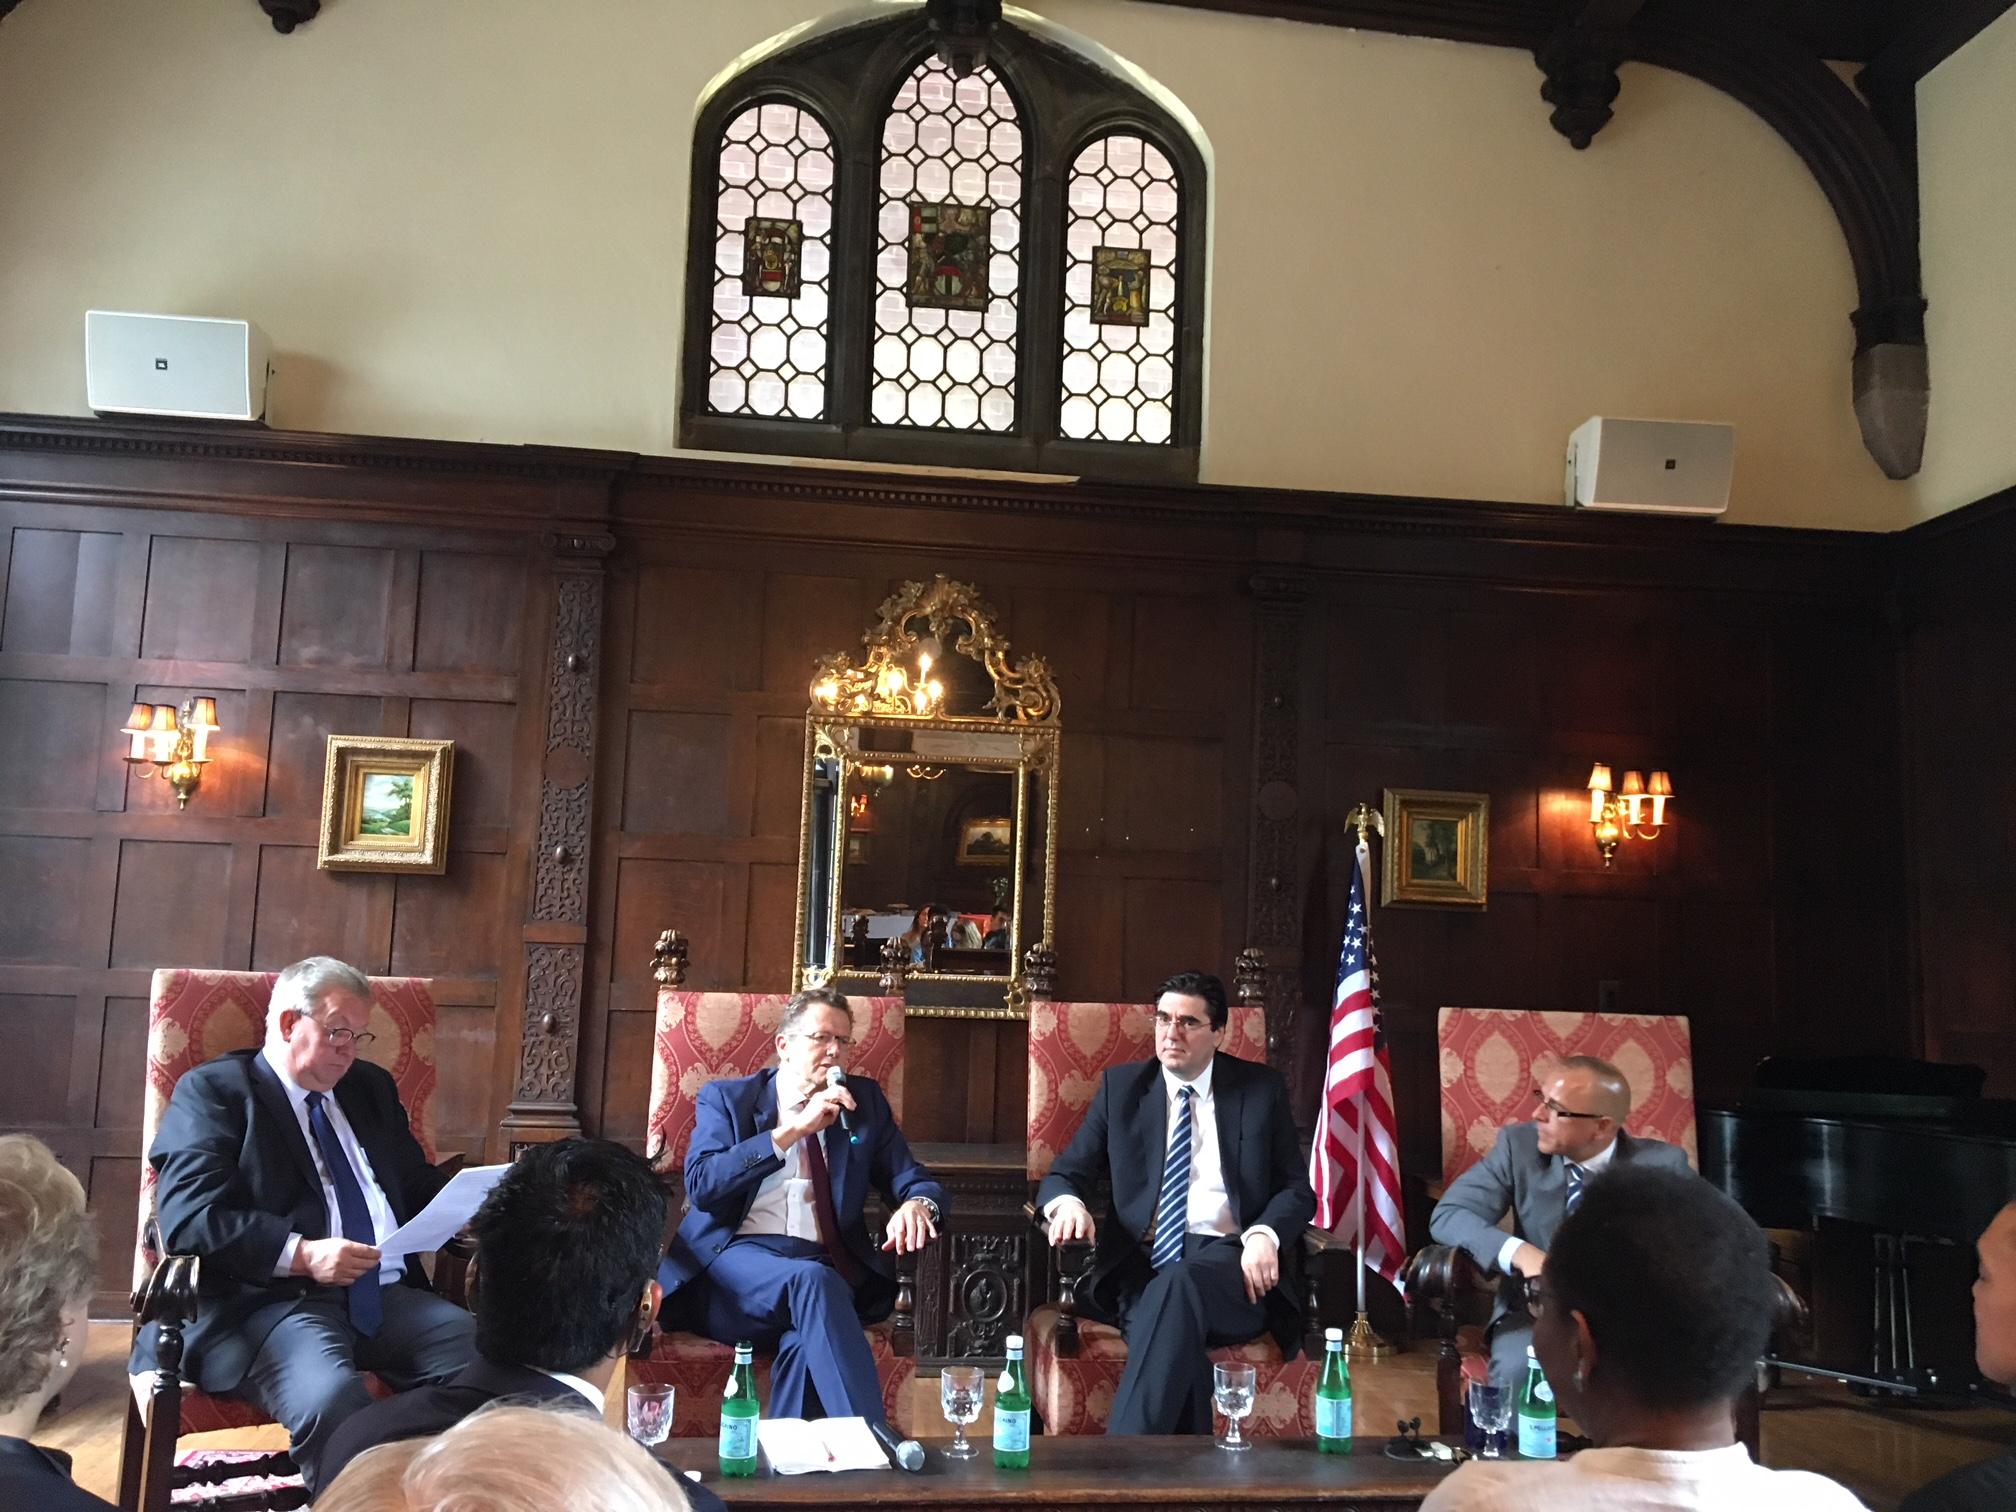 from left:Estonian Ambassador Lauri Lepik, Austrian Ambassador Wolfgang Waldner, Bulgarian Ambassador Tihomir Stoytchev and Moderator Matt Decker (Williams & Jensen law firm)